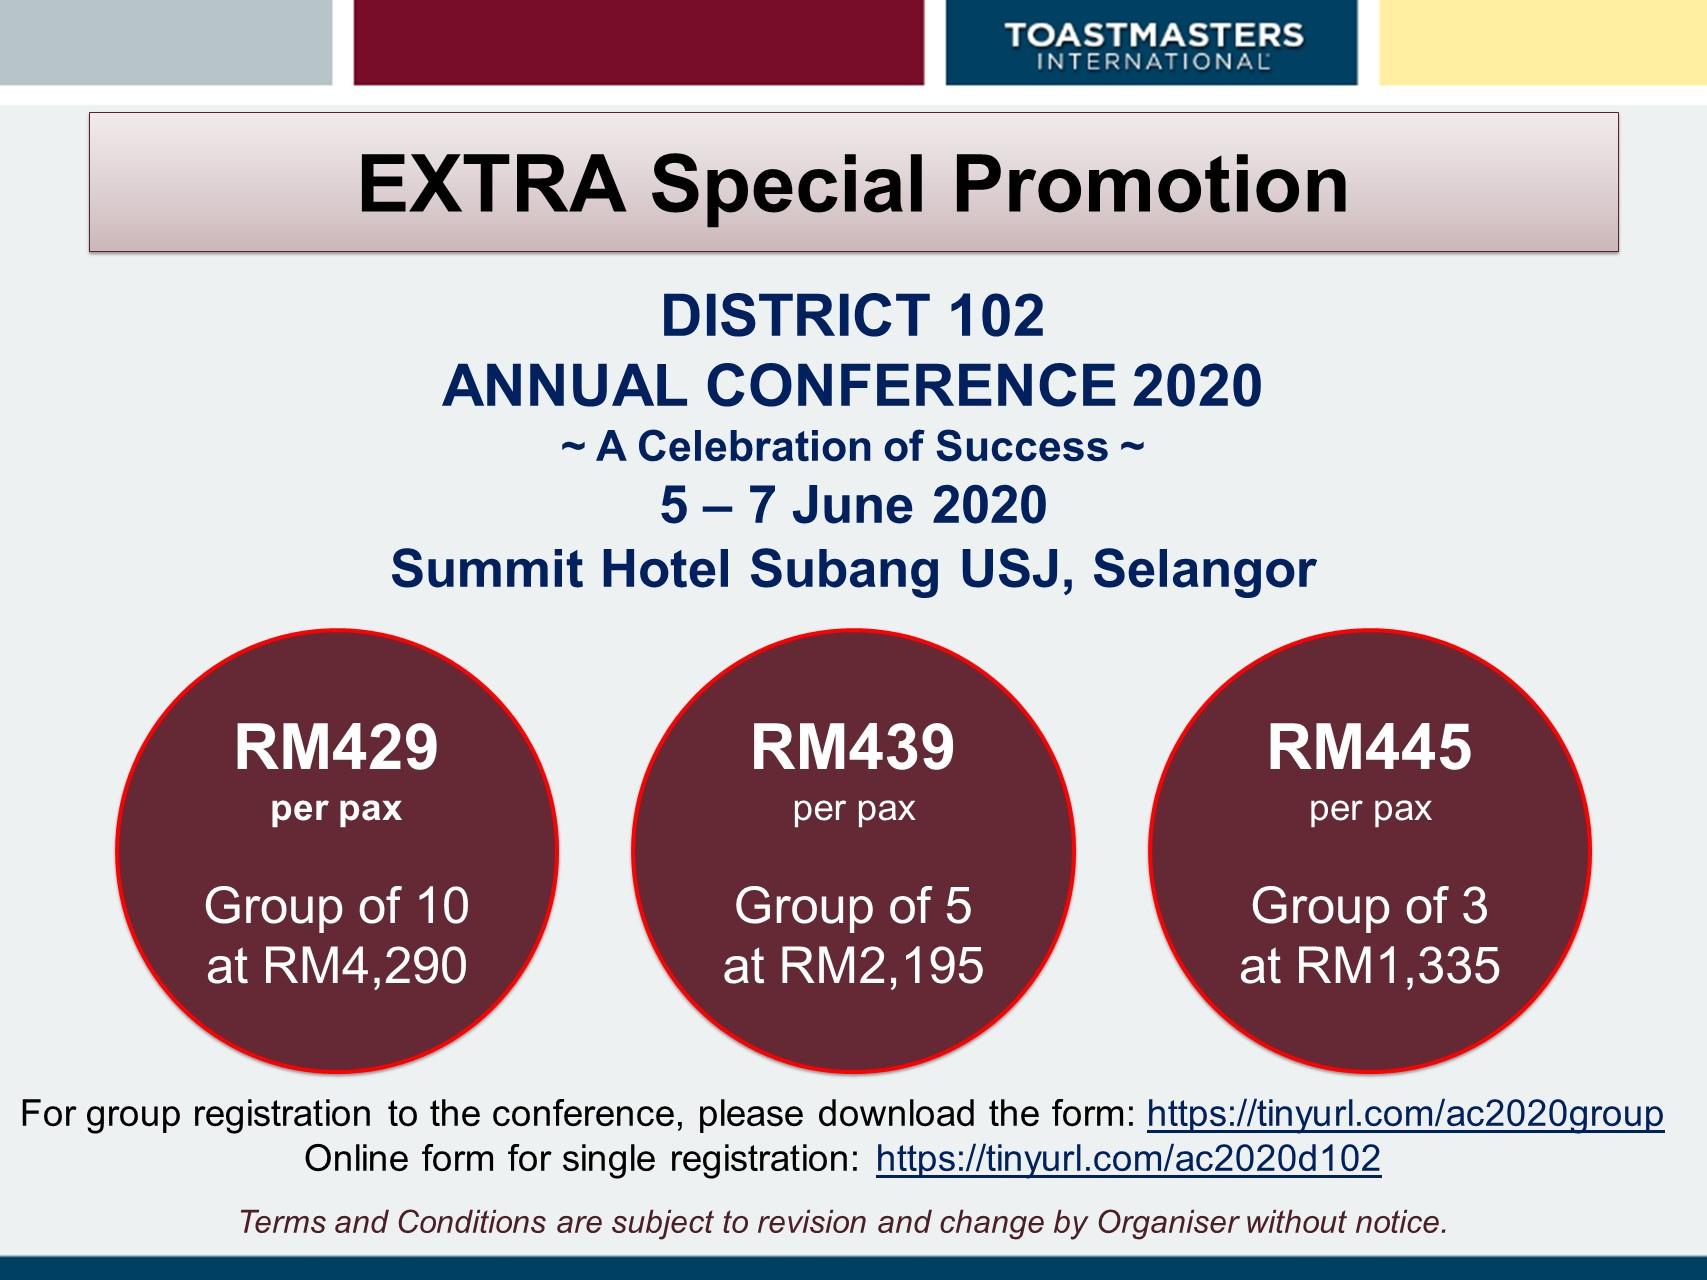 Annual conference promo